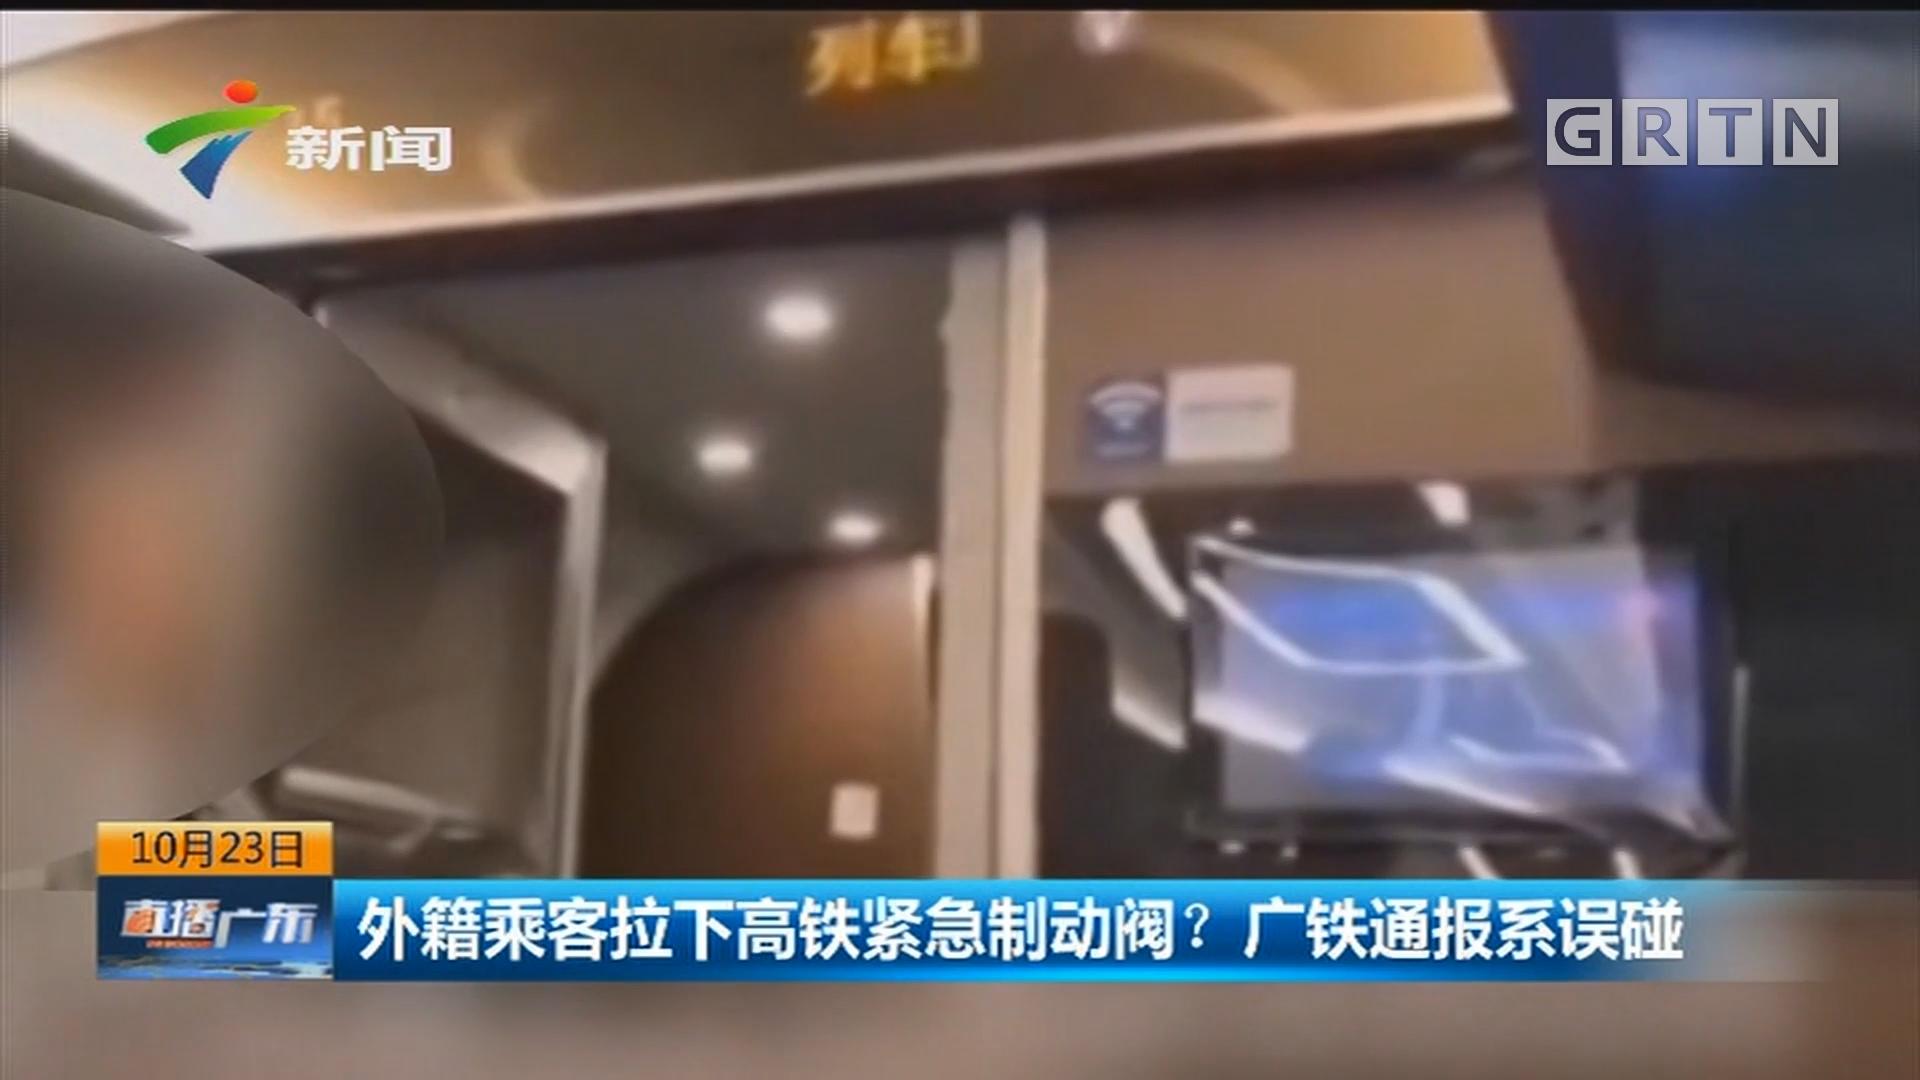 外籍乘客拉下高铁紧急制动阀?广铁通报系误碰